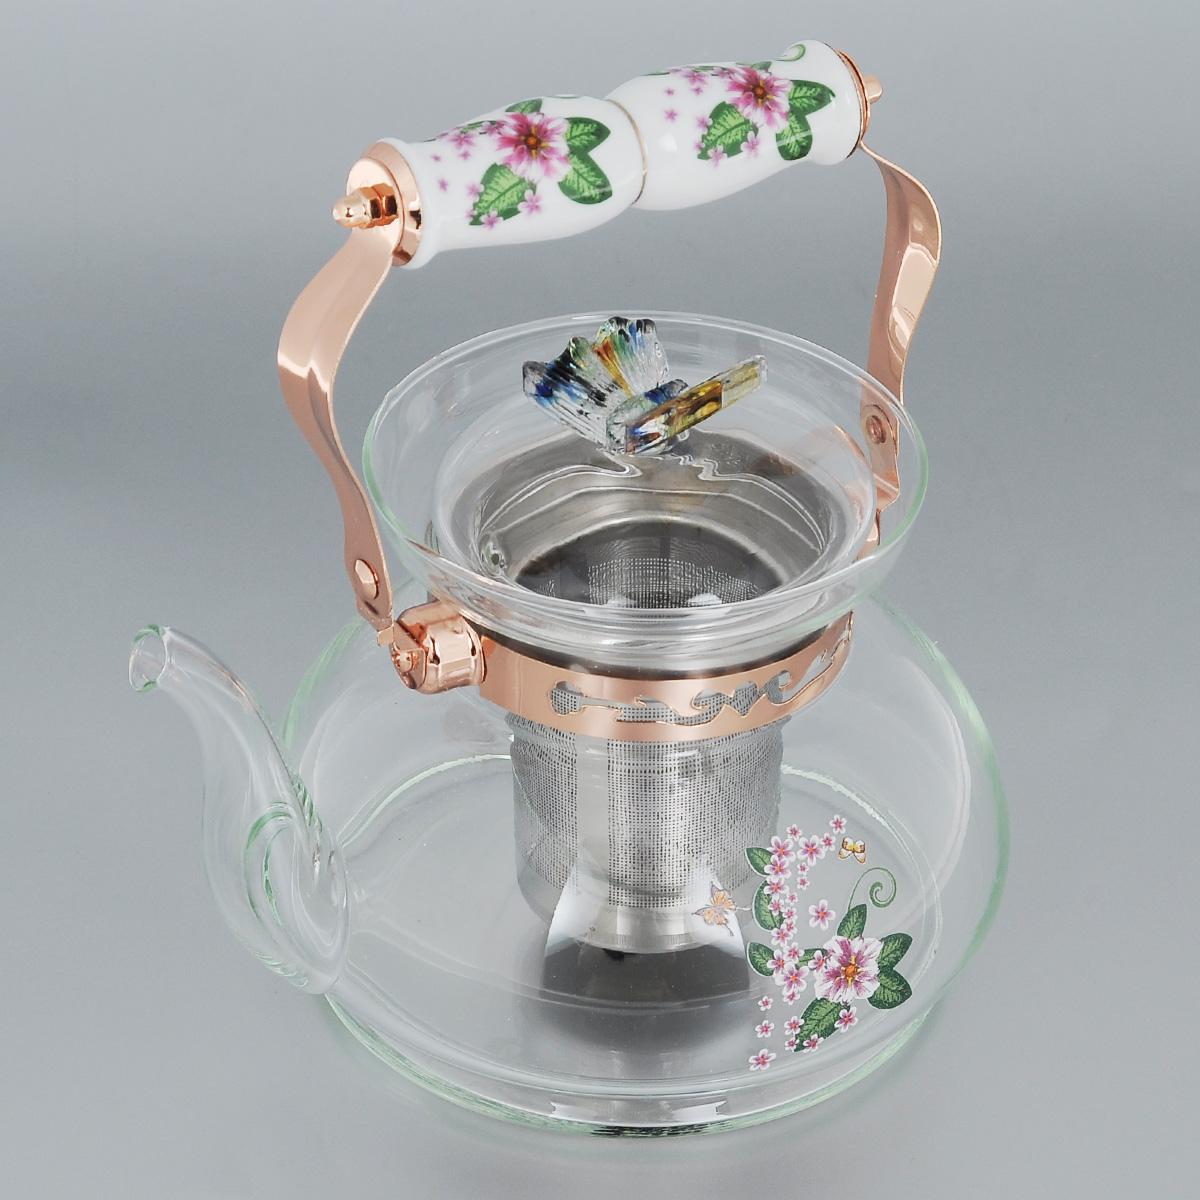 Чайник заварочный Bekker, цвет: розовые цветы, зеленые листья, 1 л. BK-7616BK-7616Заварочный чайник Bekker выполнен из жаростойкого стекла, которое хорошо удерживает тепло. Ручка и съемное ситечко внутри чайника выполнены из высококачественной нержавеющей стали. Высокая подвижная ручка чайника, снабженная фарфоровой насадкой, позволяет с легкостью удерживать его на весу. Съемное ситечко для заварки предотвращает попадание чаинок и листочков в настой. Заварочный чайник украшен изящным рисунком, что придает ему элегантность. Крышка декорирована красивой фигуркой бабочки. Заварочный чайник из стекла удобно использовать для повседневного заваривания чая практически любого сорта. Но цветочные, фруктовые, красные и желтые сорта чая лучше других раскрывают свой вкус и аромат при заваривании именно в стеклянных чайниках и сохраняют полезные ферменты и витамины, содержащиеся в чайных листах. Высота чайника: 12 см. Диаметр (по верхнему краю): 11 см. Диаметр основания: 16 см. Высота ситечка: 8,5 см.